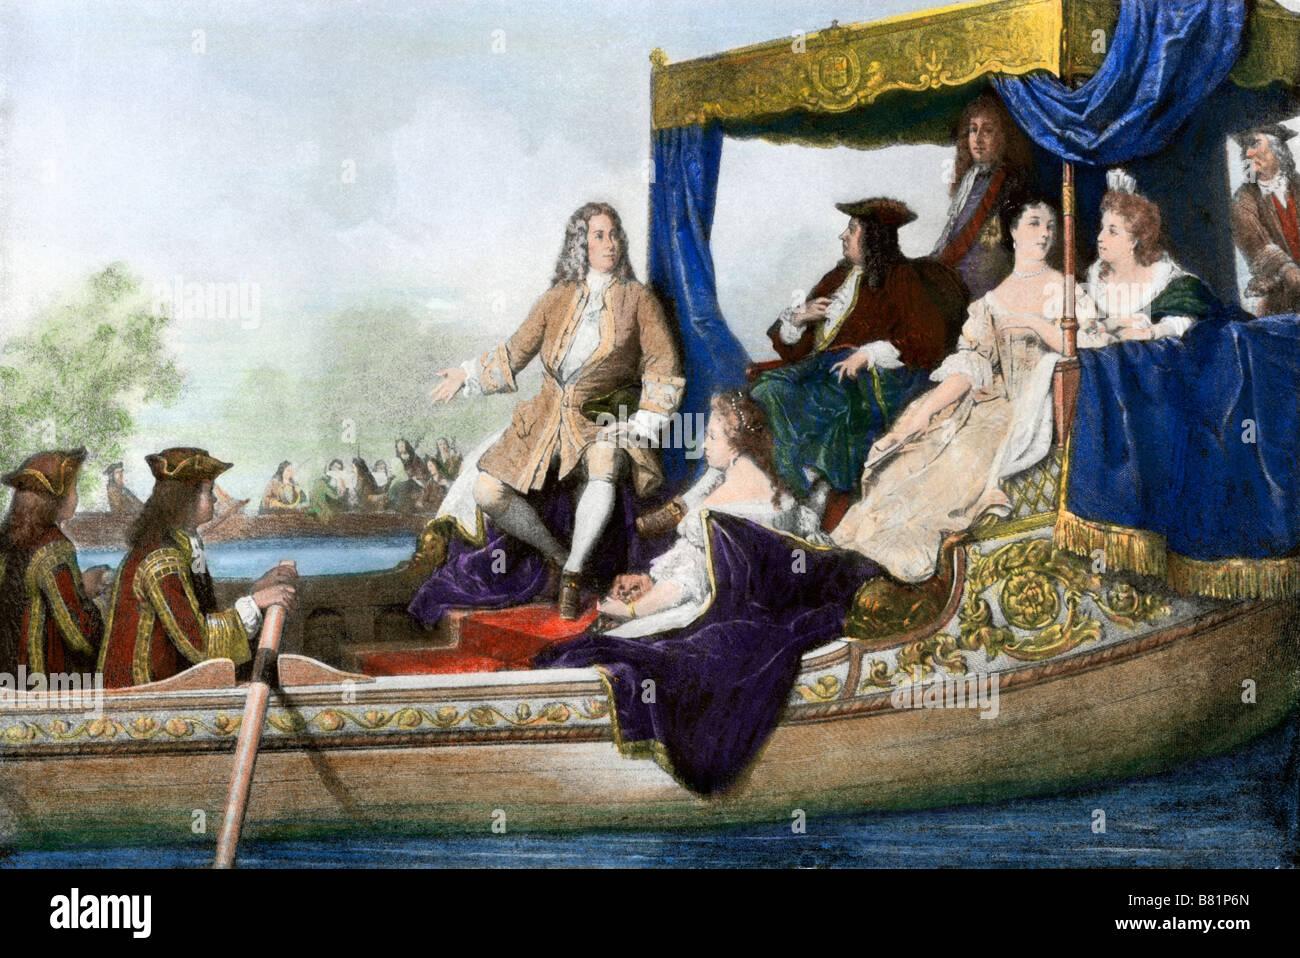 Händels Wassermusik durchgeführt wird, wie ein Fluss Konzert für Georg I. von England. Handcolorierte Stockbild